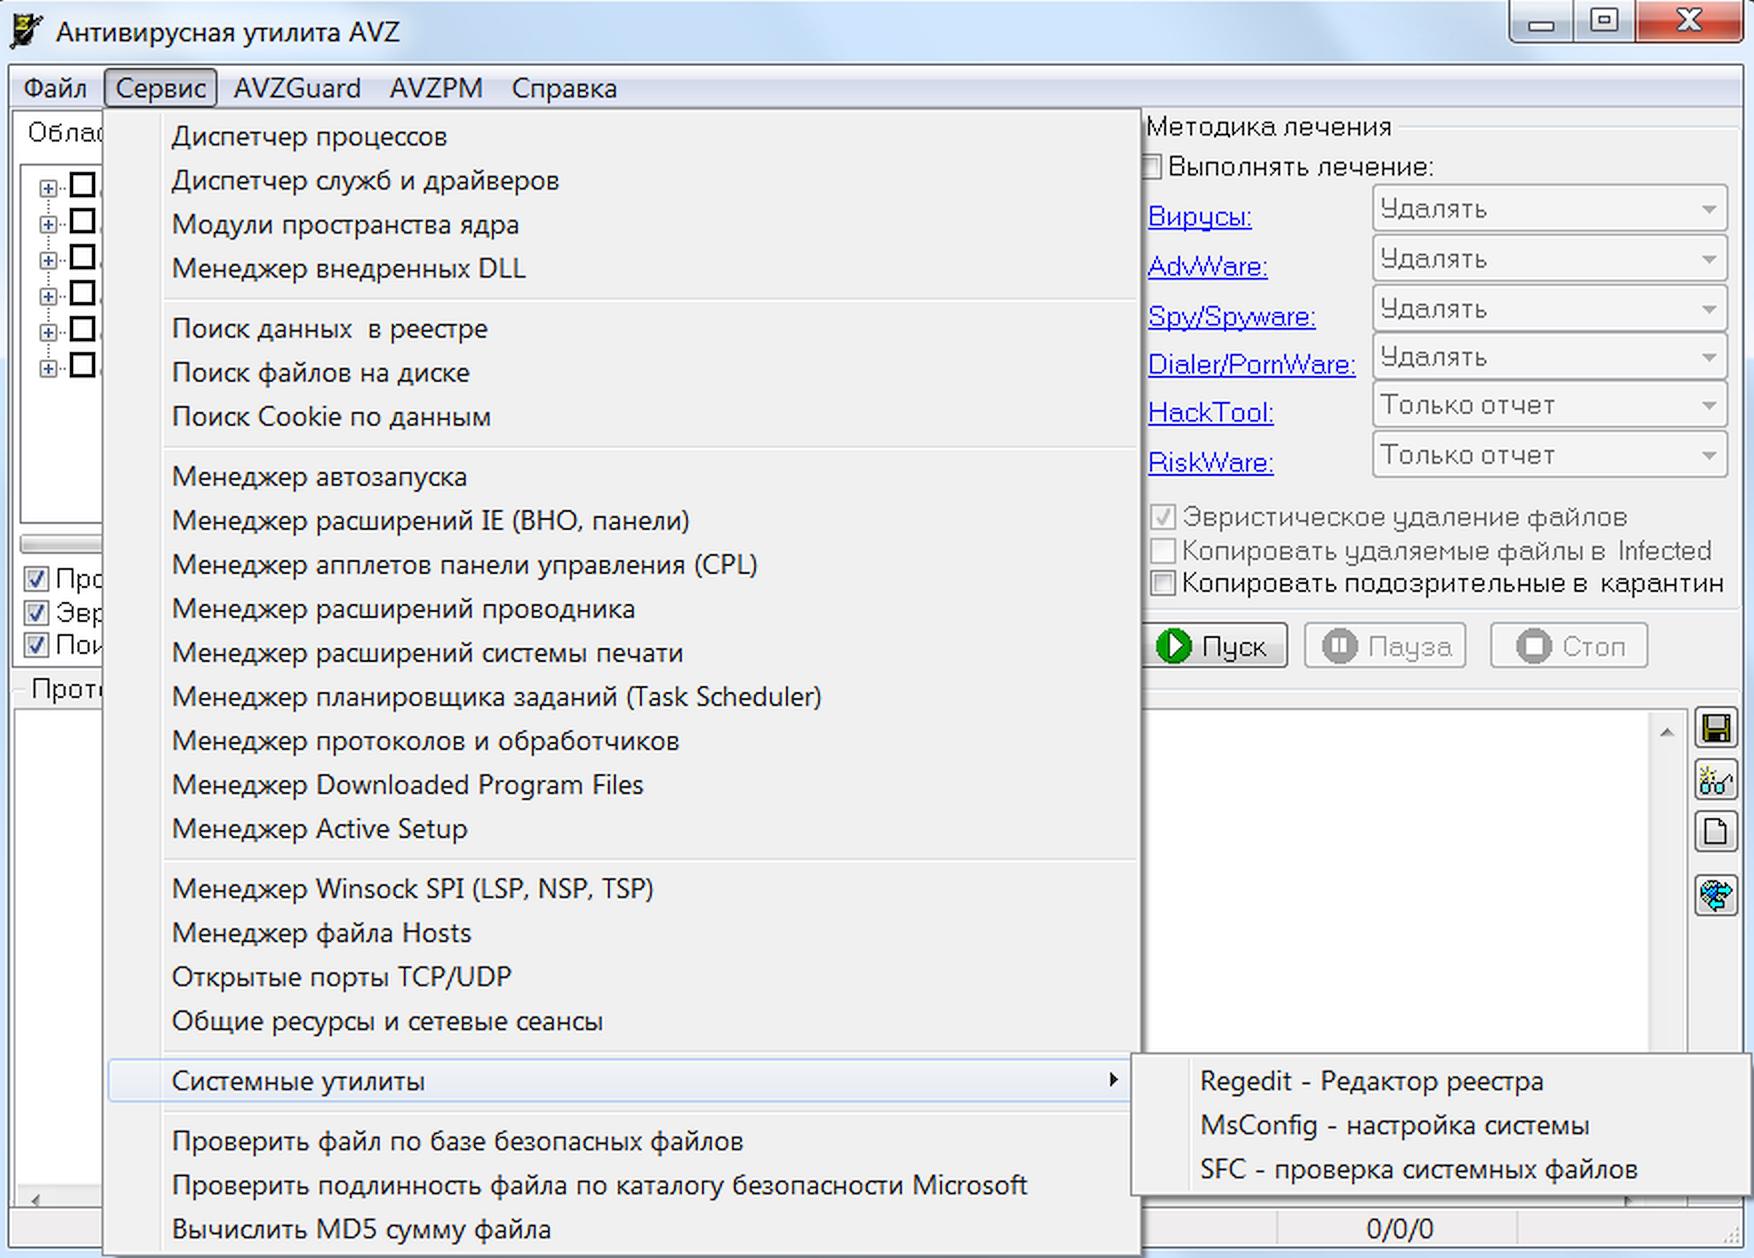 AVZ содержит множество инструментов анализа системы